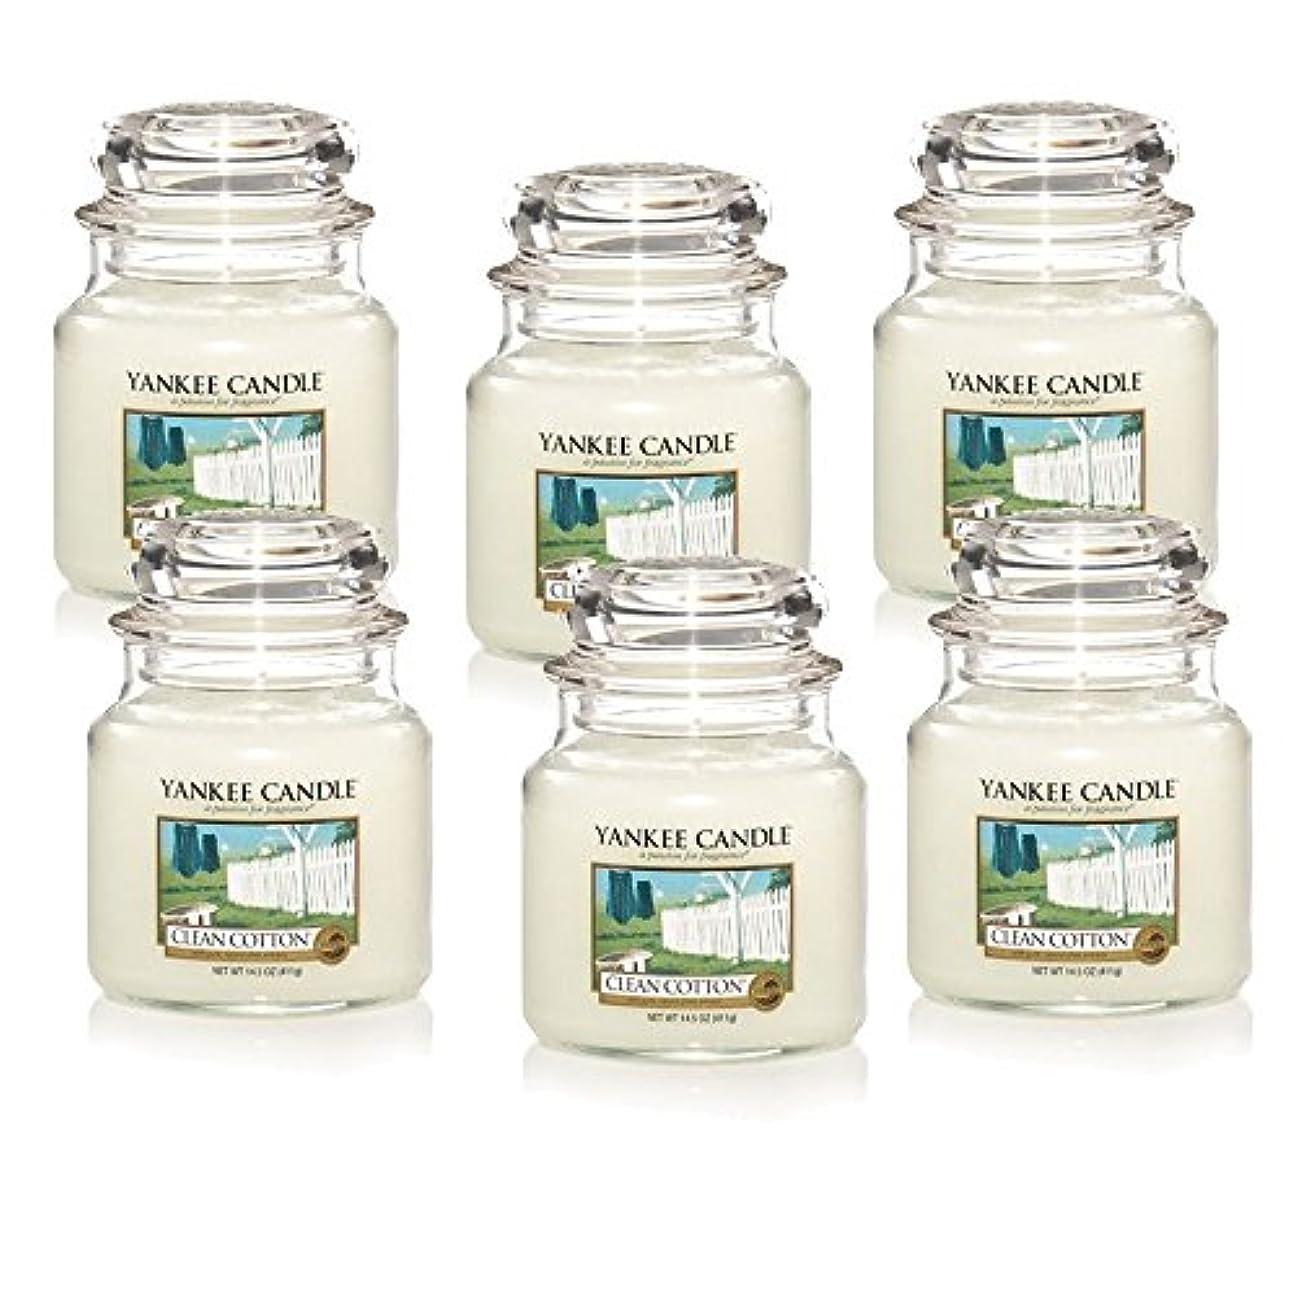 ジャンプ垂直茎Yankee Candle Company Clean Cotton 14.5-Ounce Jar Candle, Medium, Set of 6 [並行輸入品]